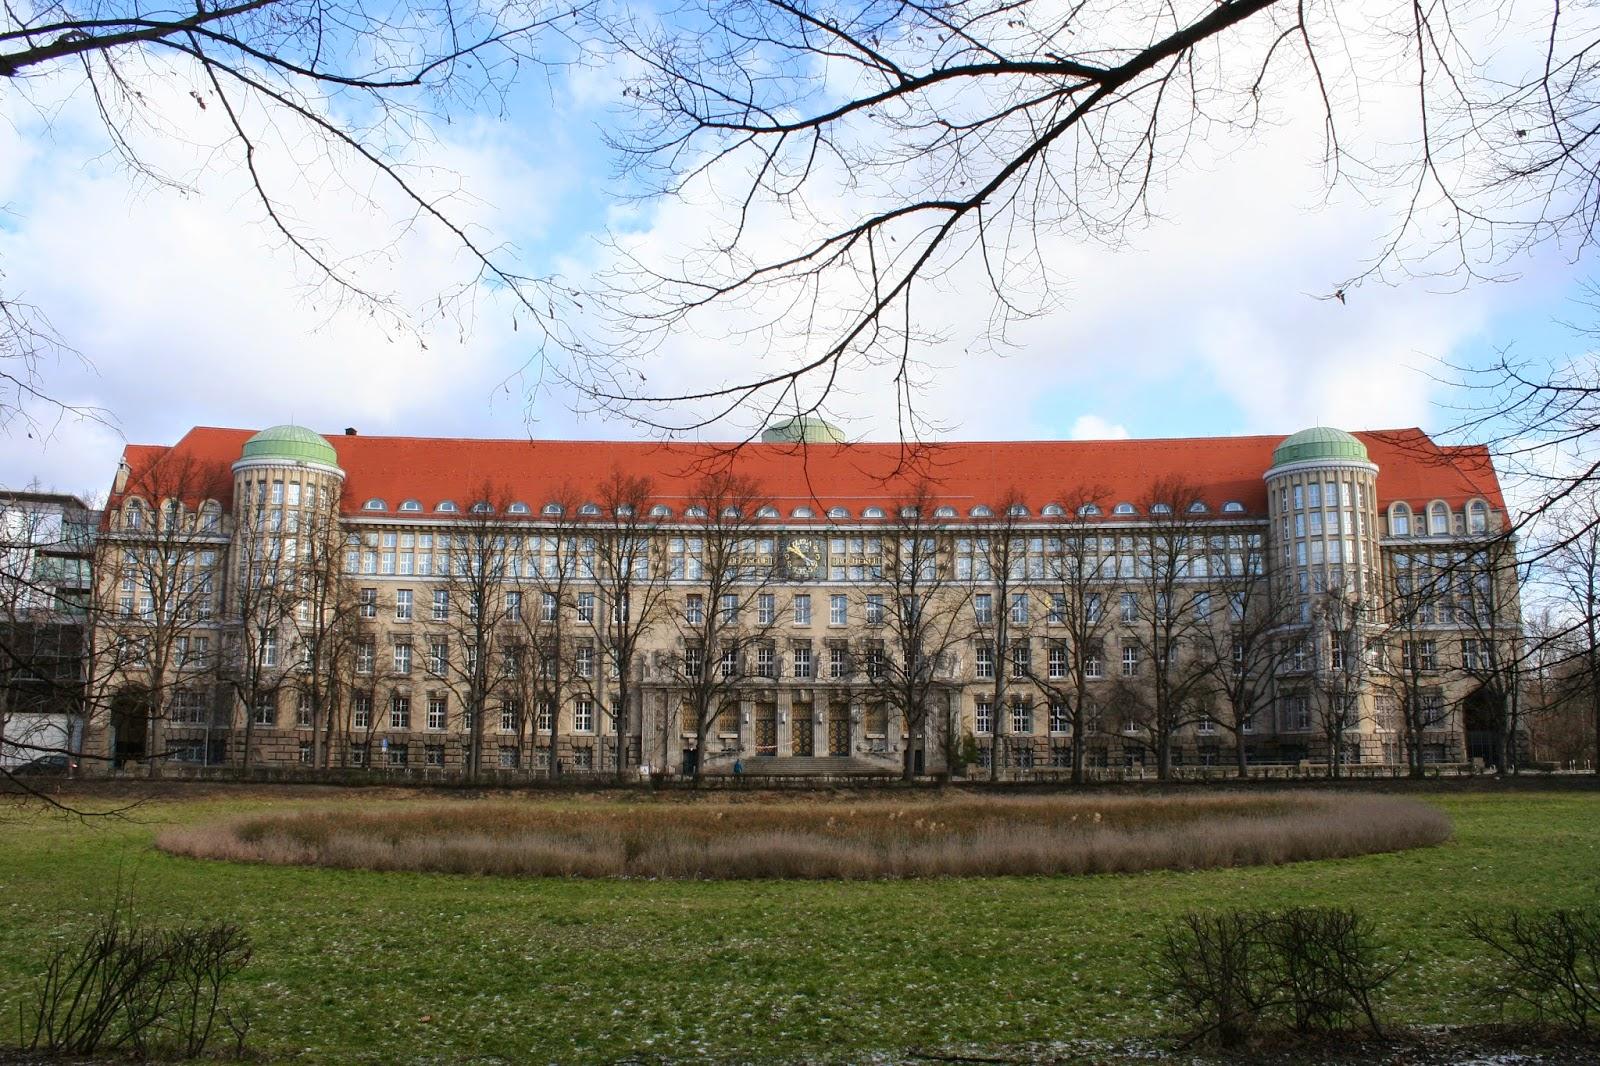 Die Deutsche Bücherei in Leipzig, Deutscher Platz 1, war eine Vorgängereinrichtung der Deutschen Nationalbibliothek und ist heute Teil derselben